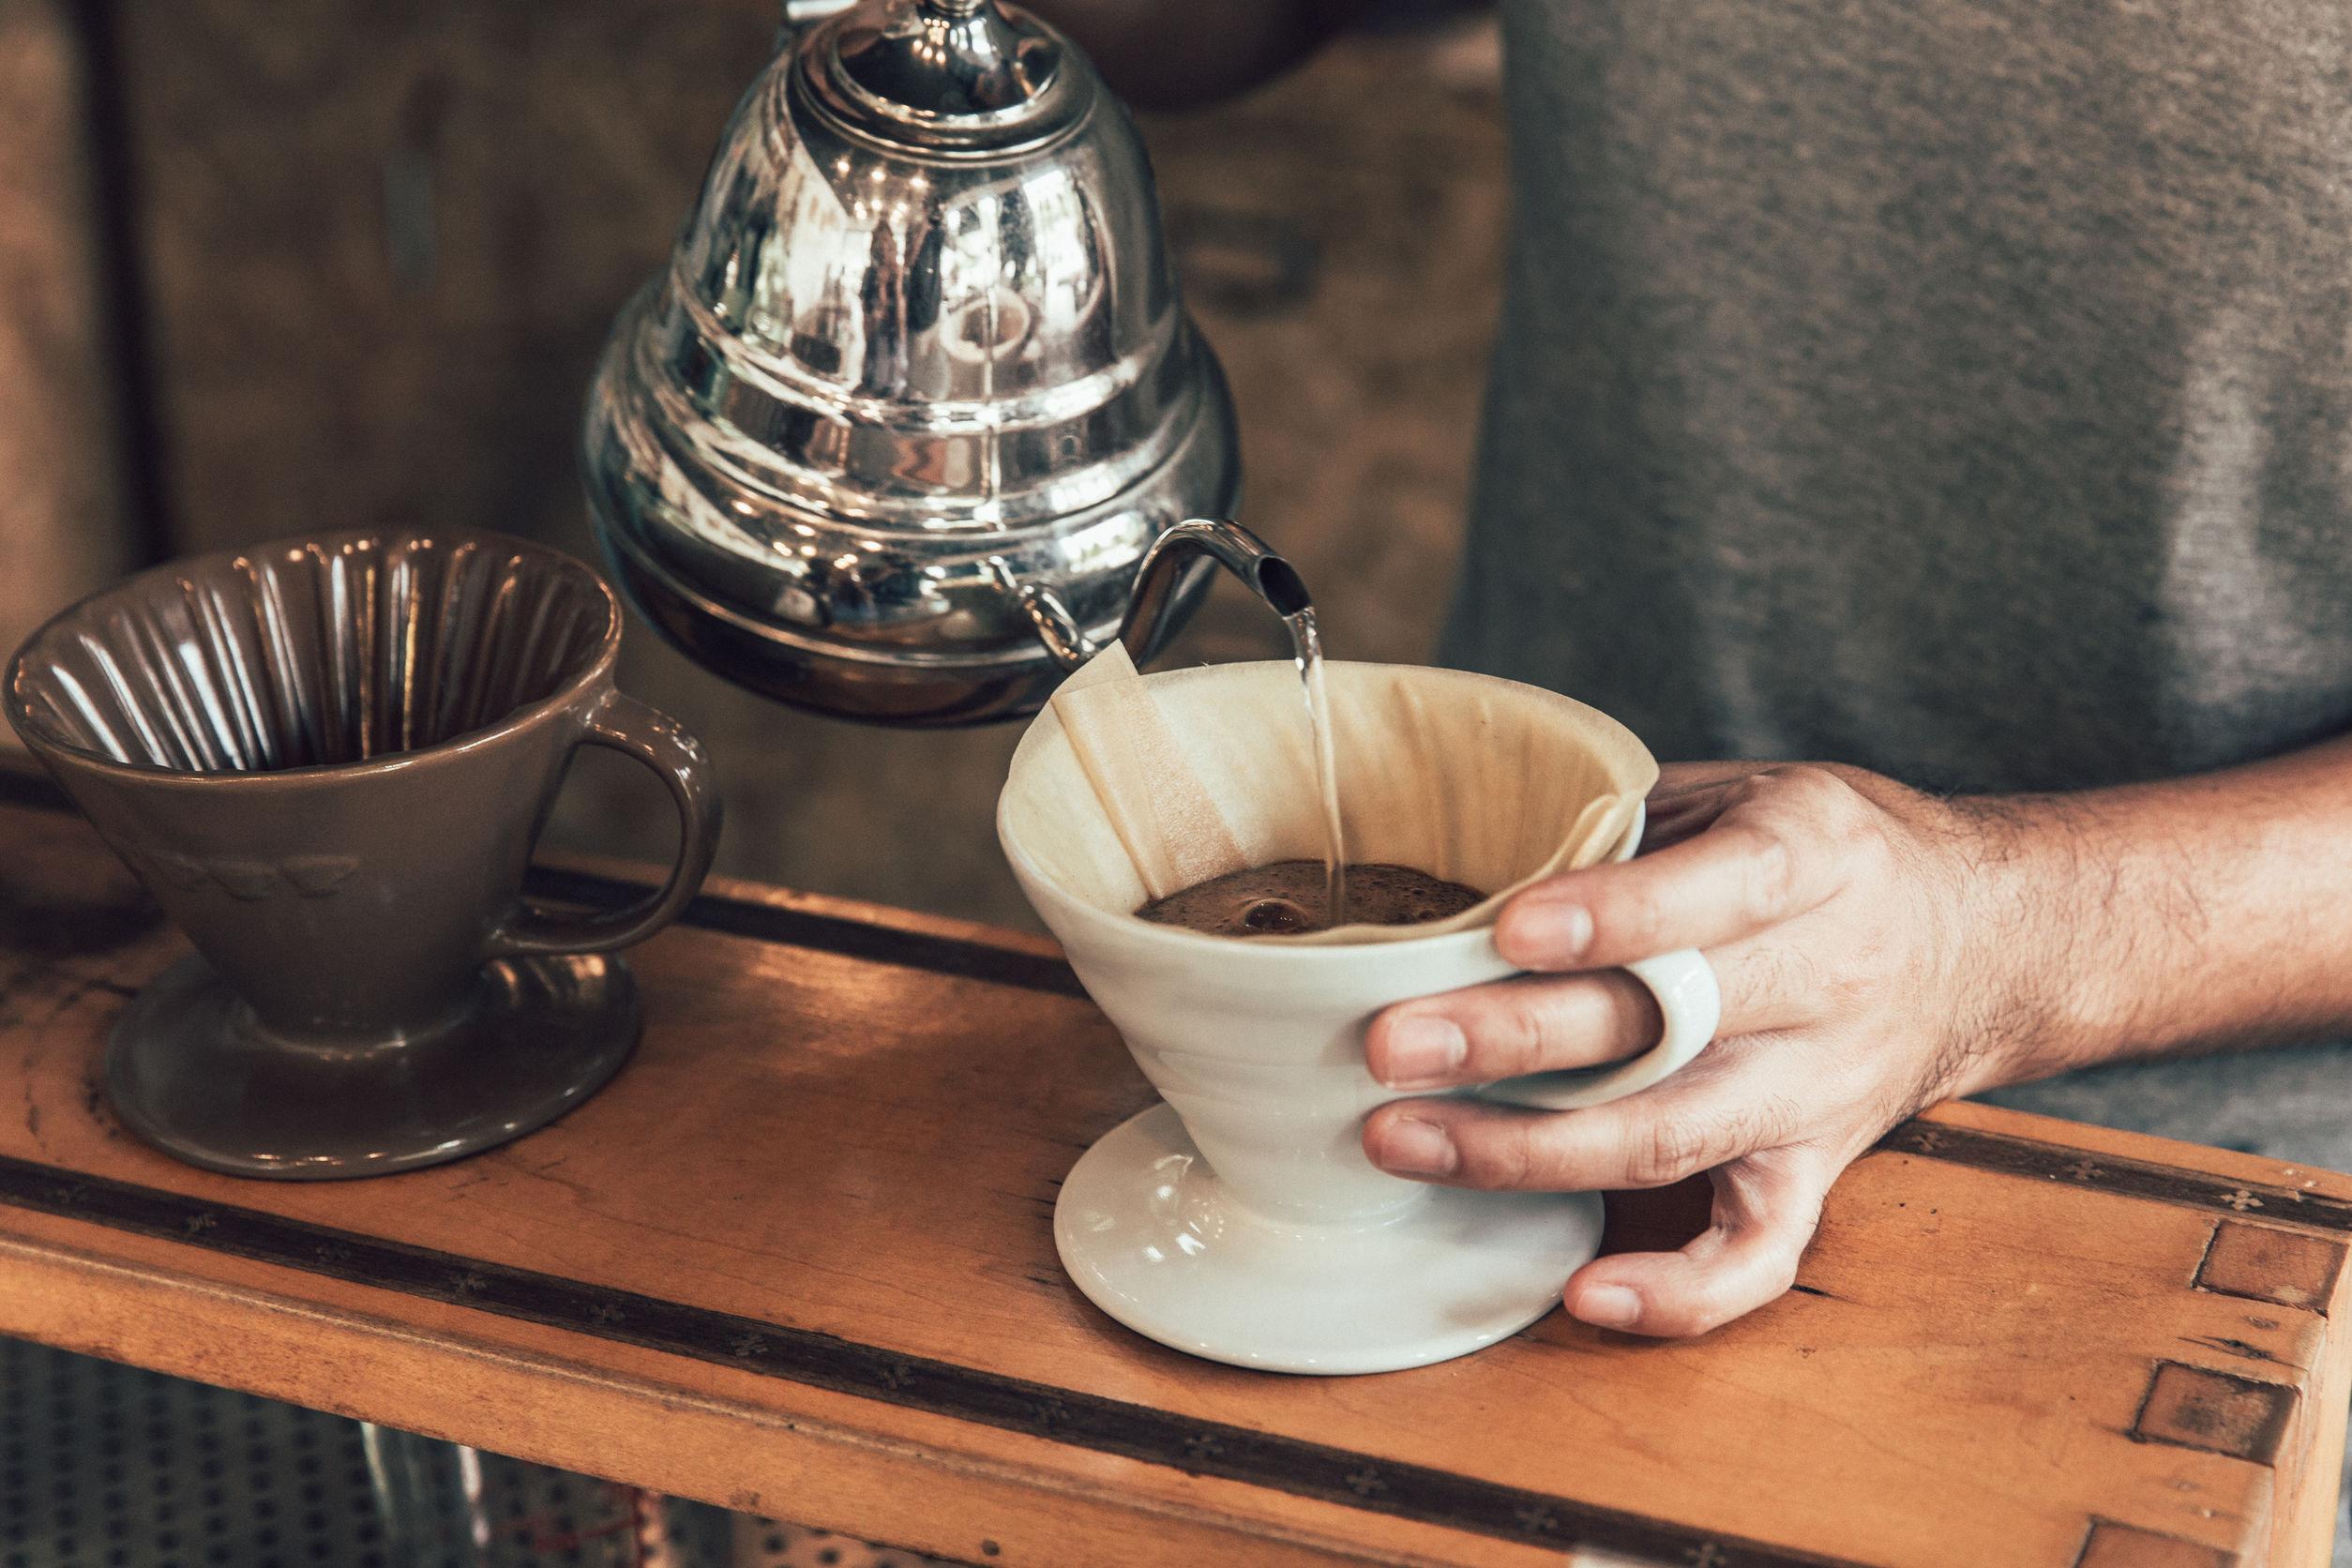 Proceso de elaboración manual de café arábica caliente